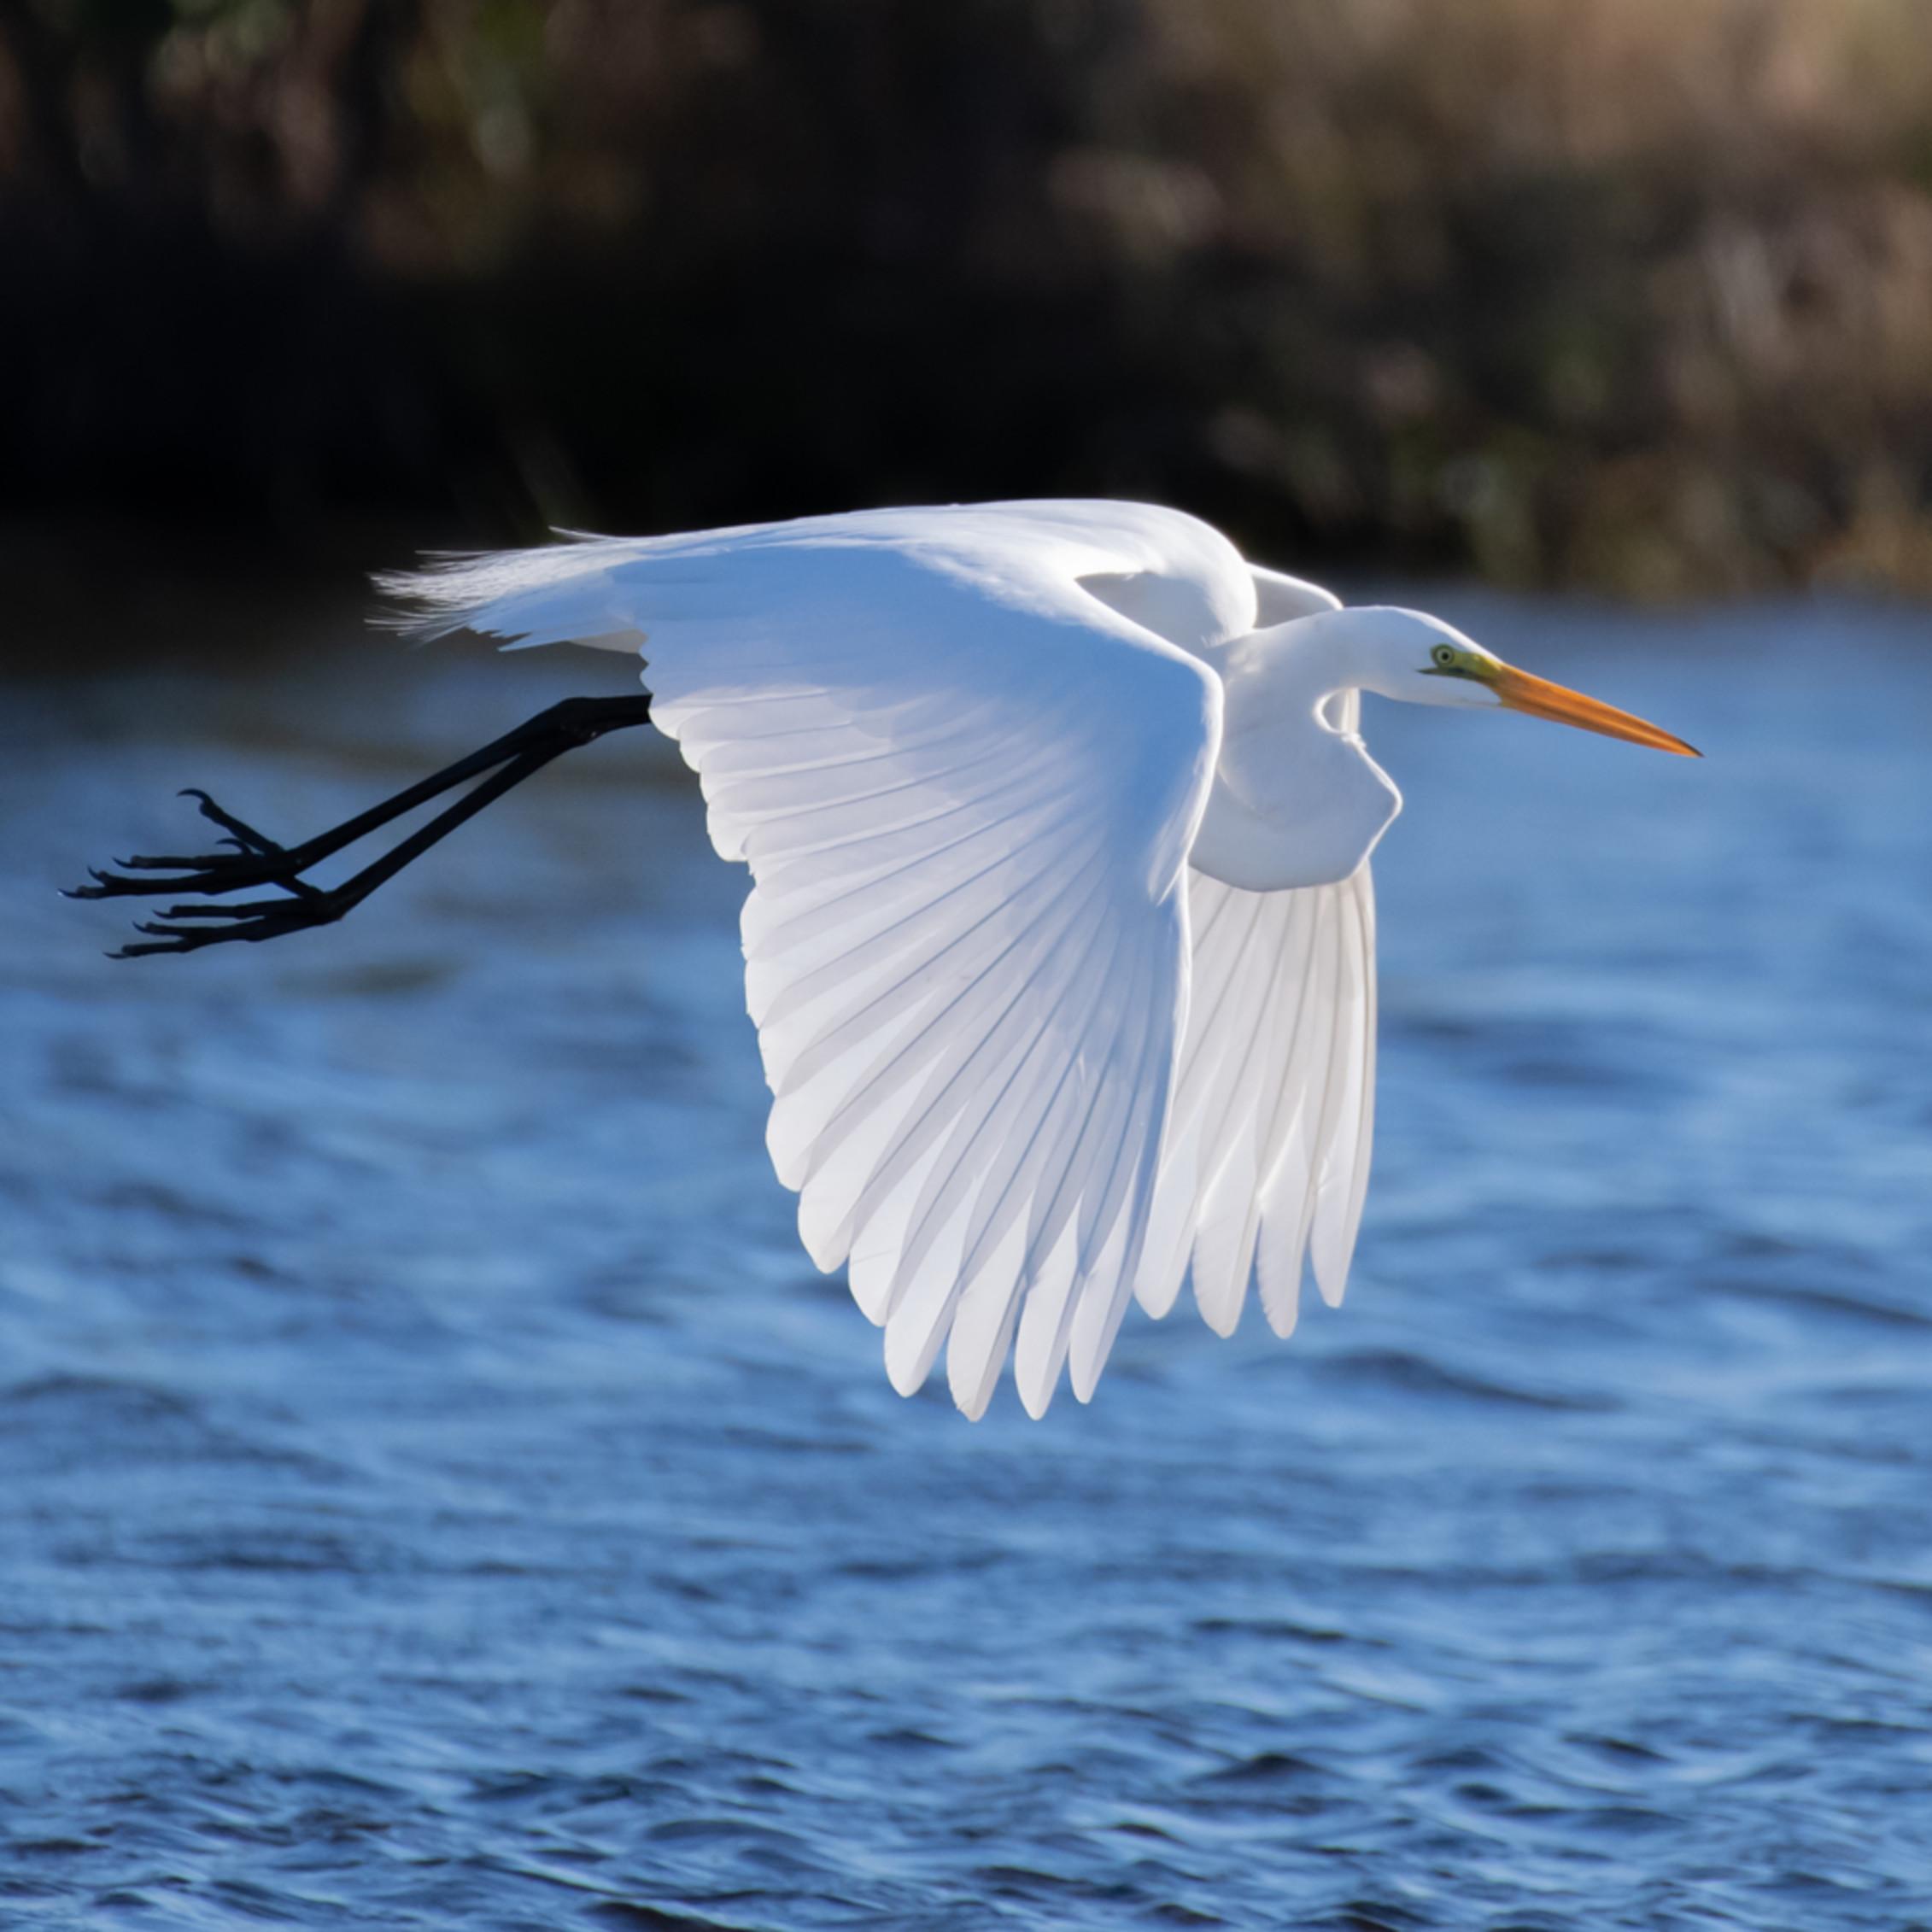 Egret portraits angel one great egret asfprint vwdztu